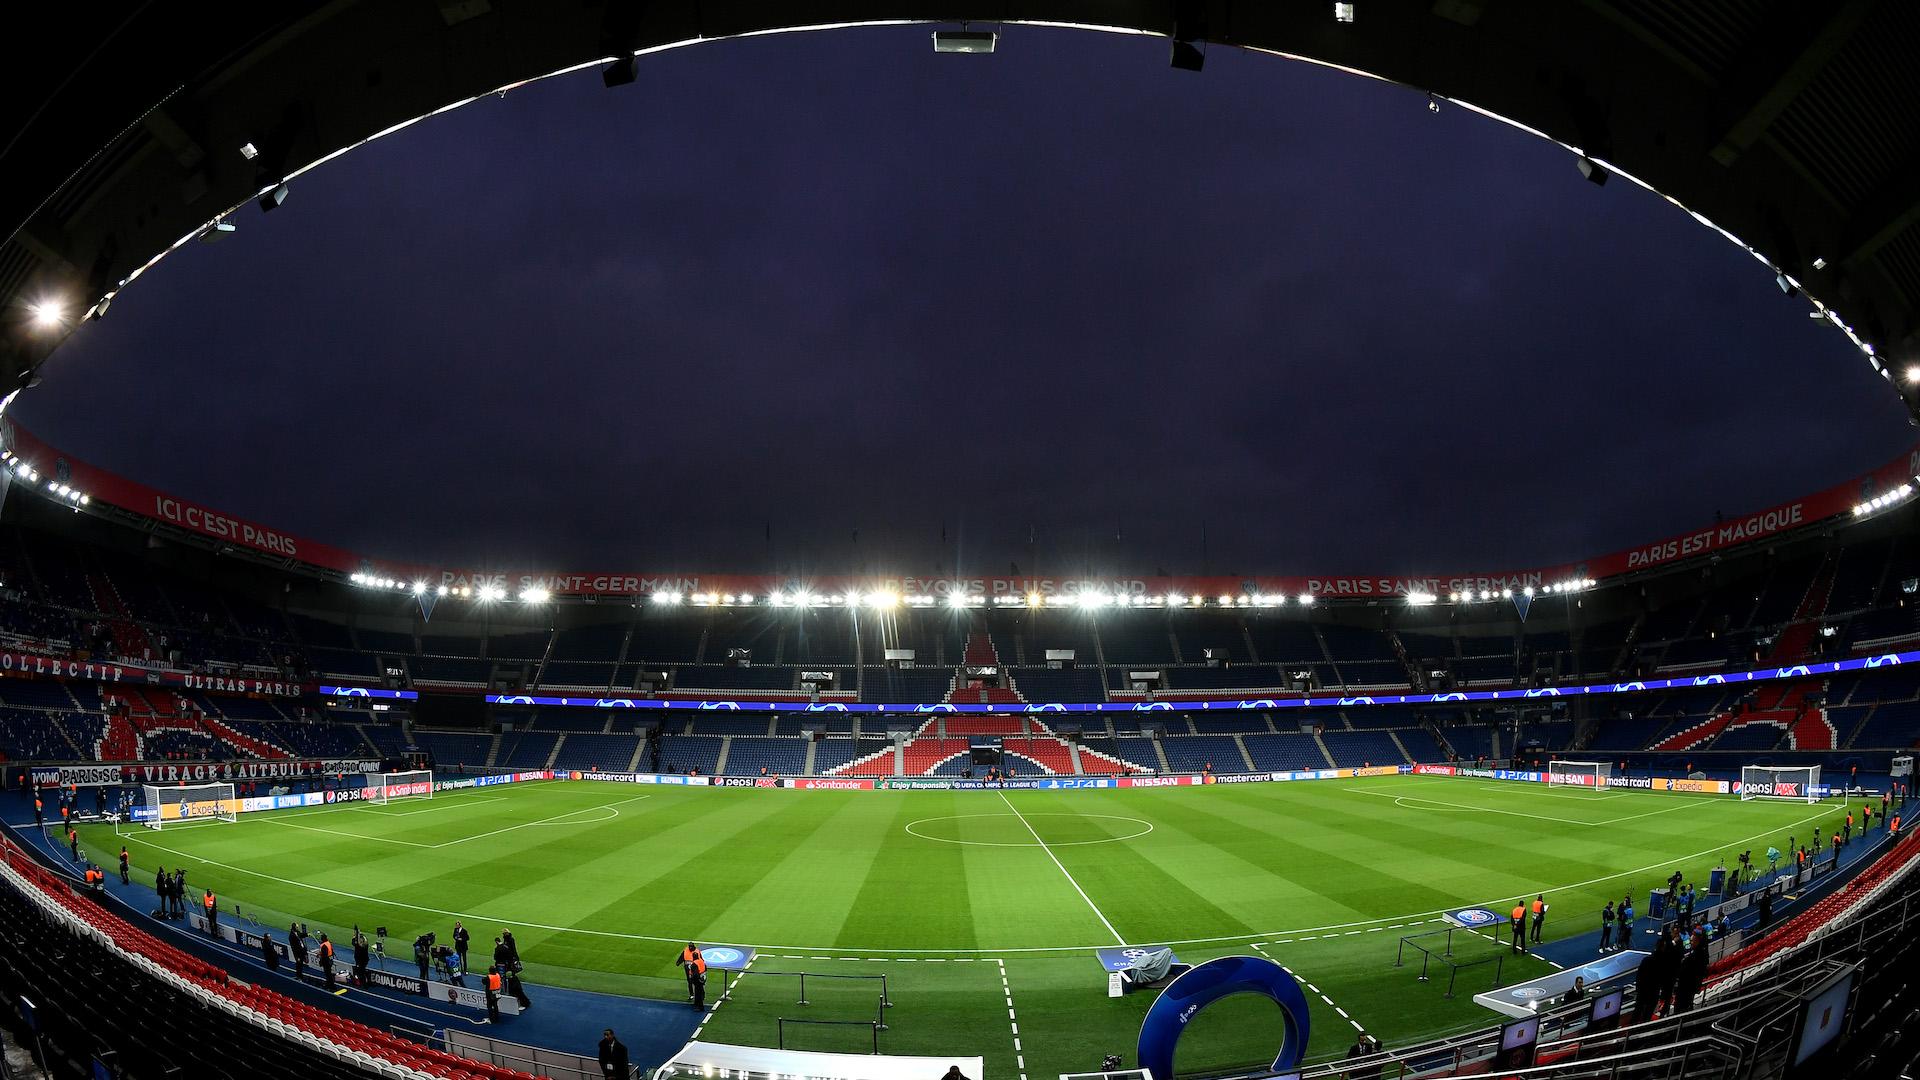 PSG-Dijon (4-0) - Parisiens et Dijonnais réagissent à la menace coronavirus